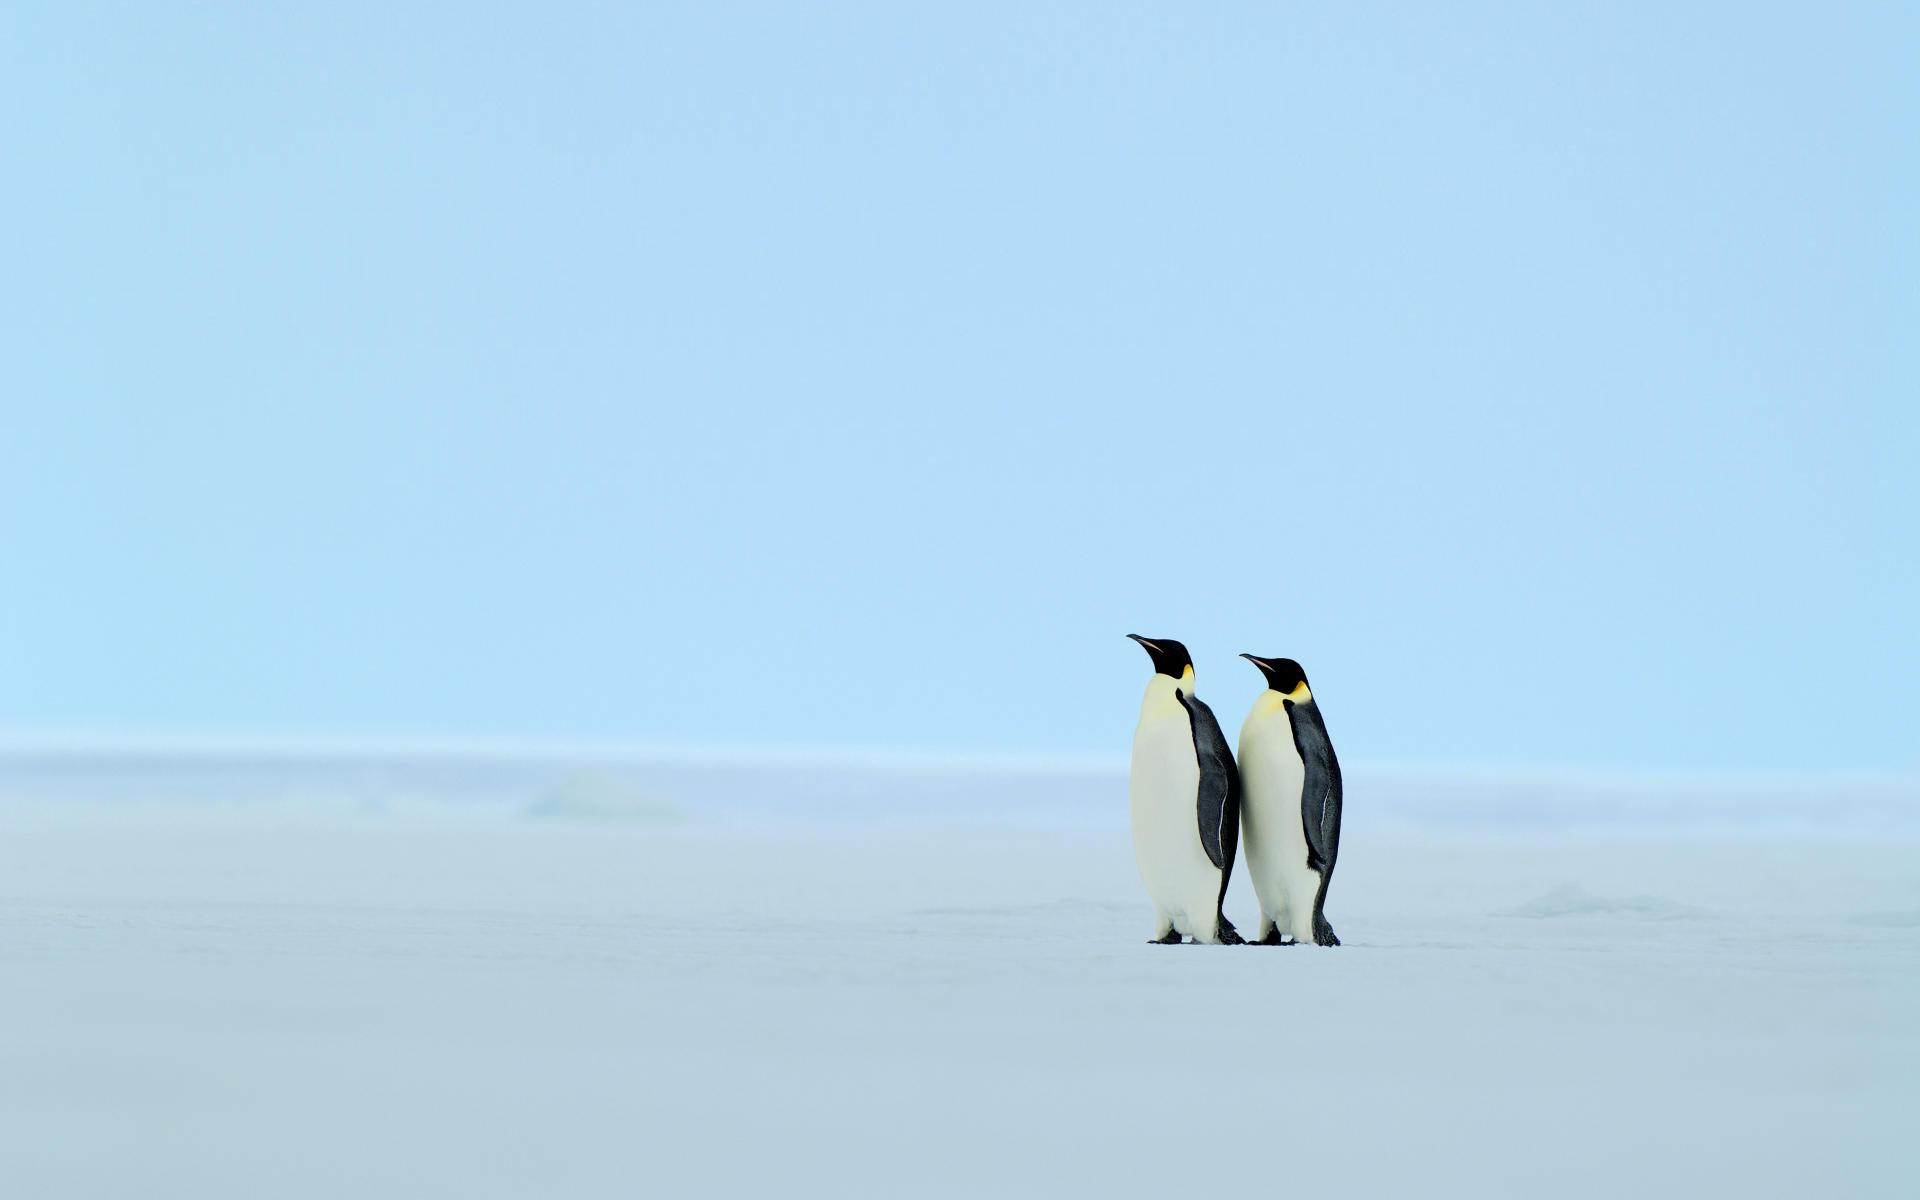 penguin wallpaper 13736